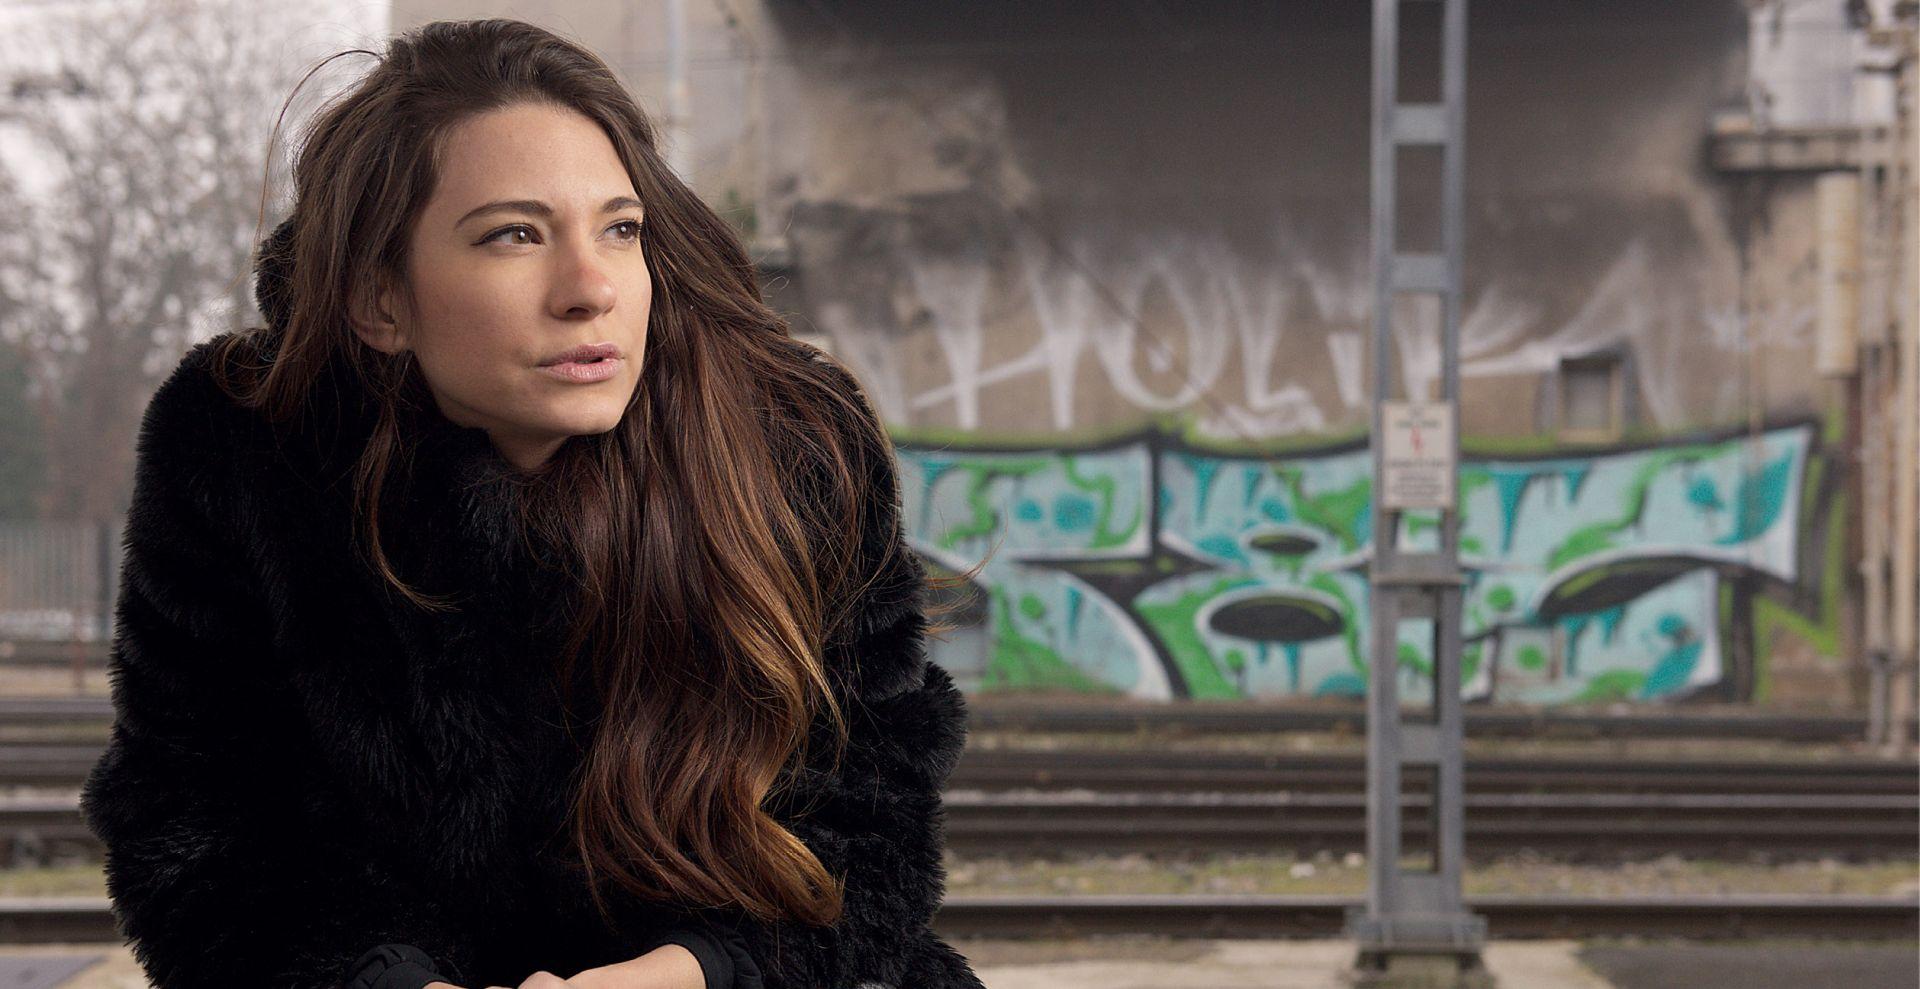 INTERVIEW: SARA RENAR 'Iritiraju me površnost, nedostatak hrabrosti i fokus na materijalno'